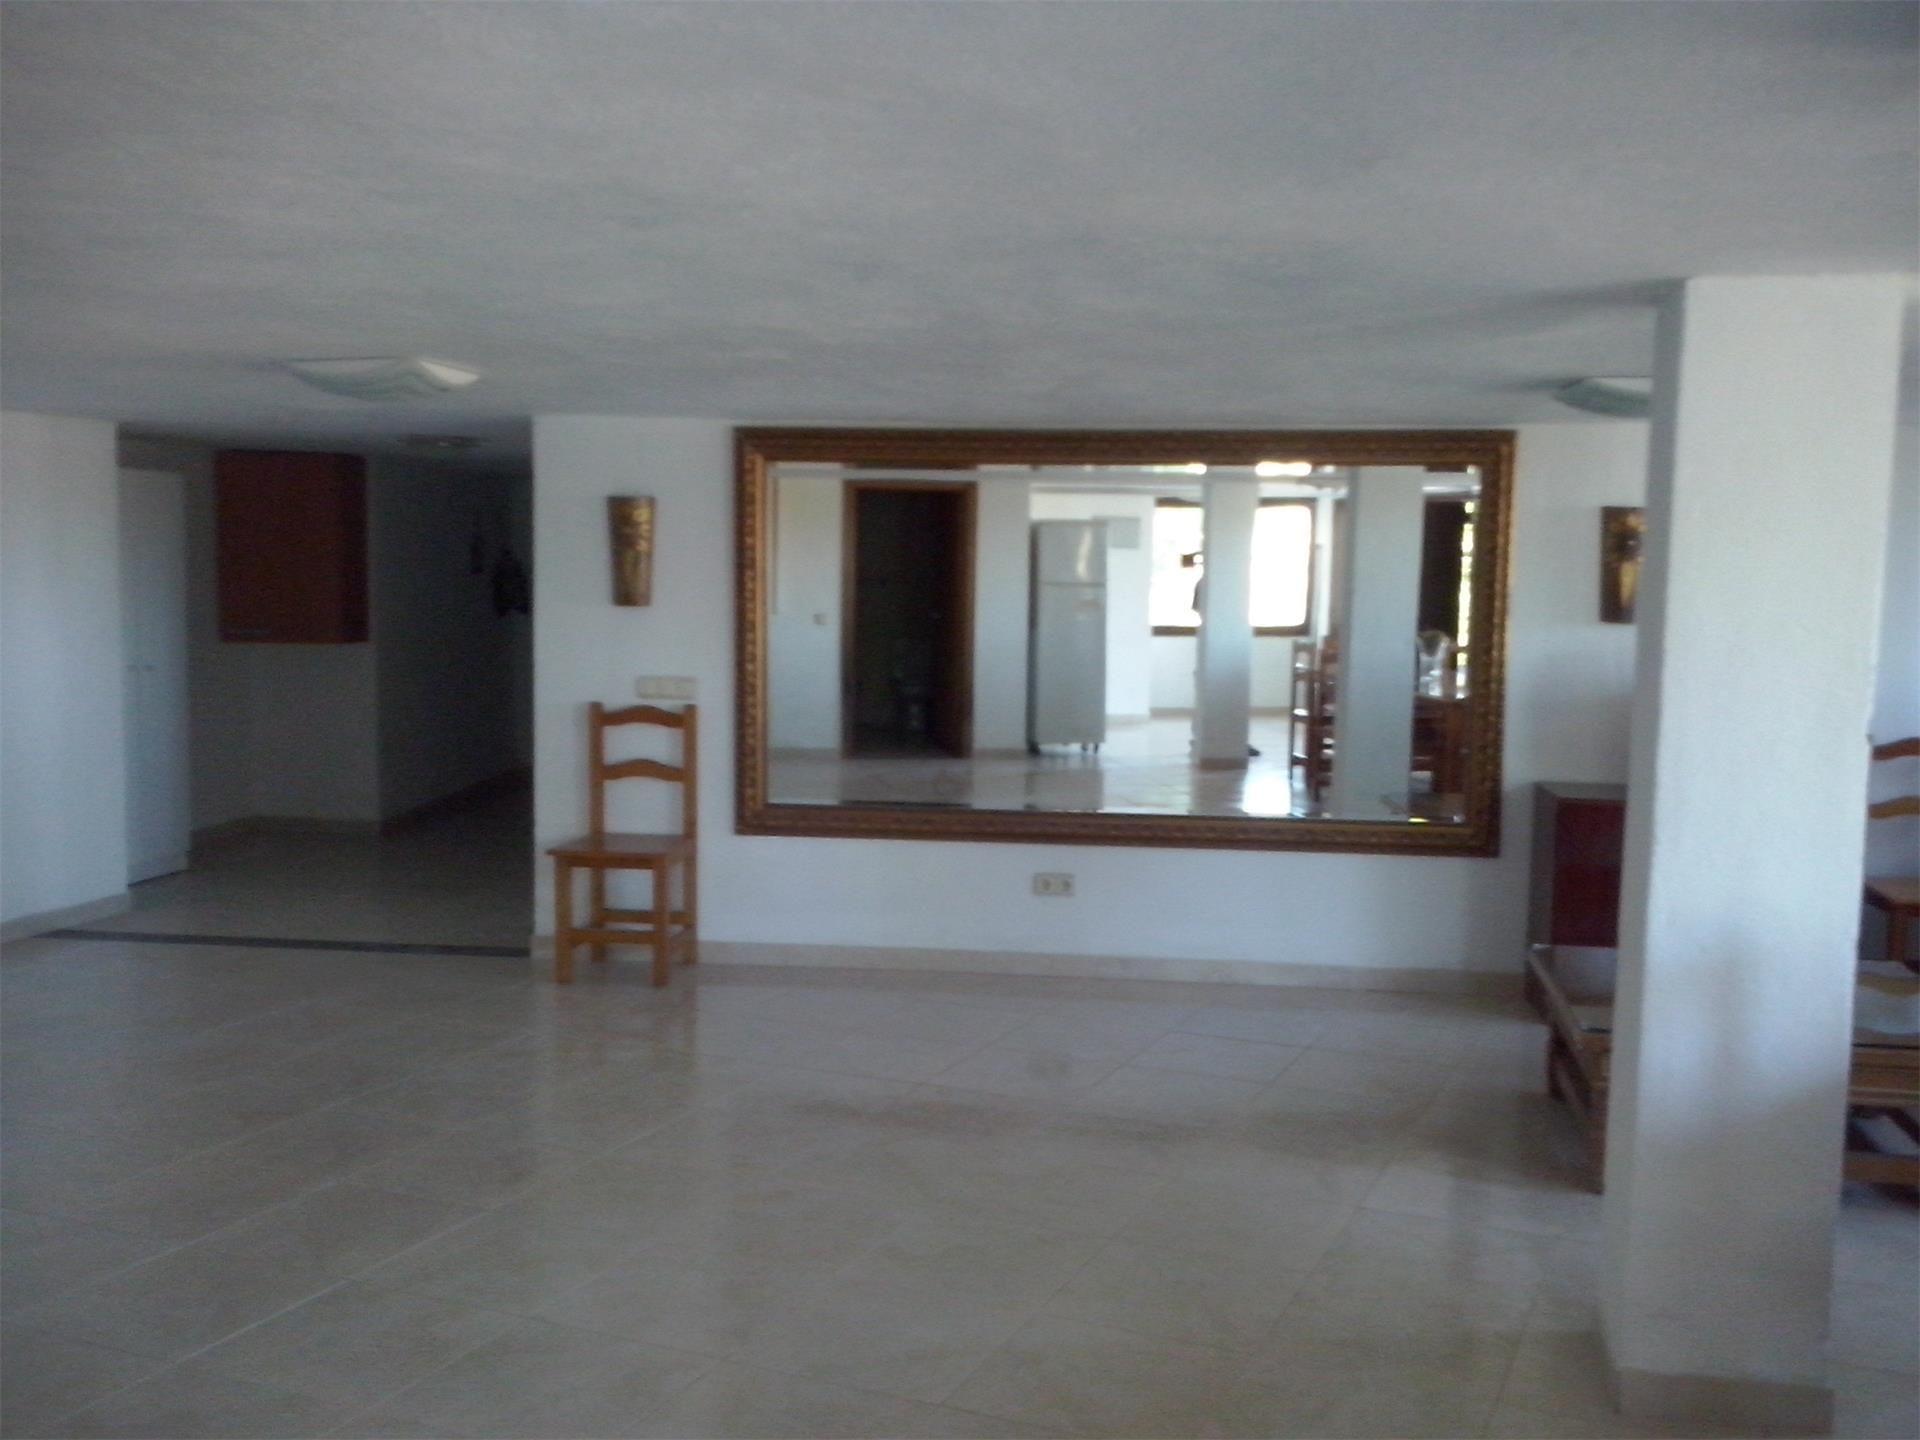 Casa o chalet de alquiler en Avenida Federico Muñoz, 14, Casarabonela (Casarabonela, Málaga)